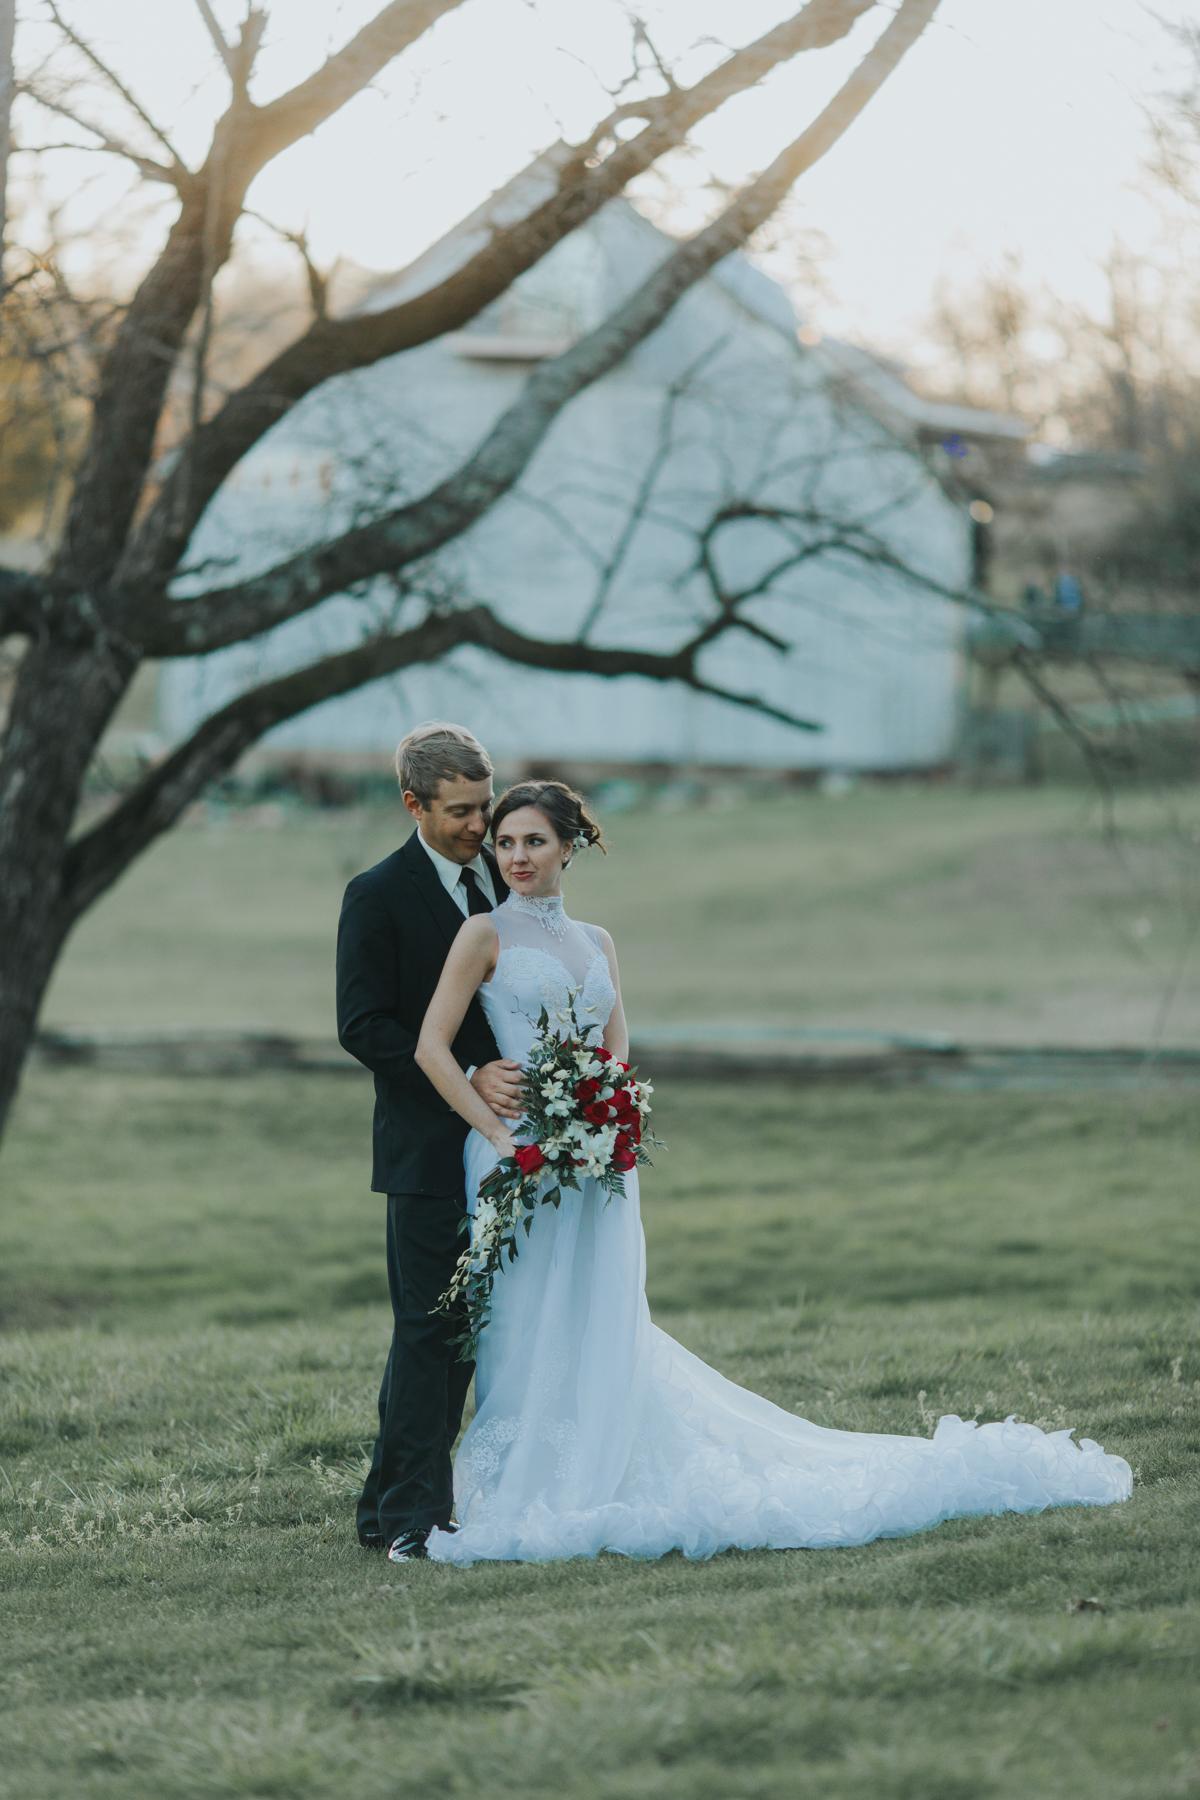 CJP-Knoxville-Wildwood-Springs-Wedding-52.jpg